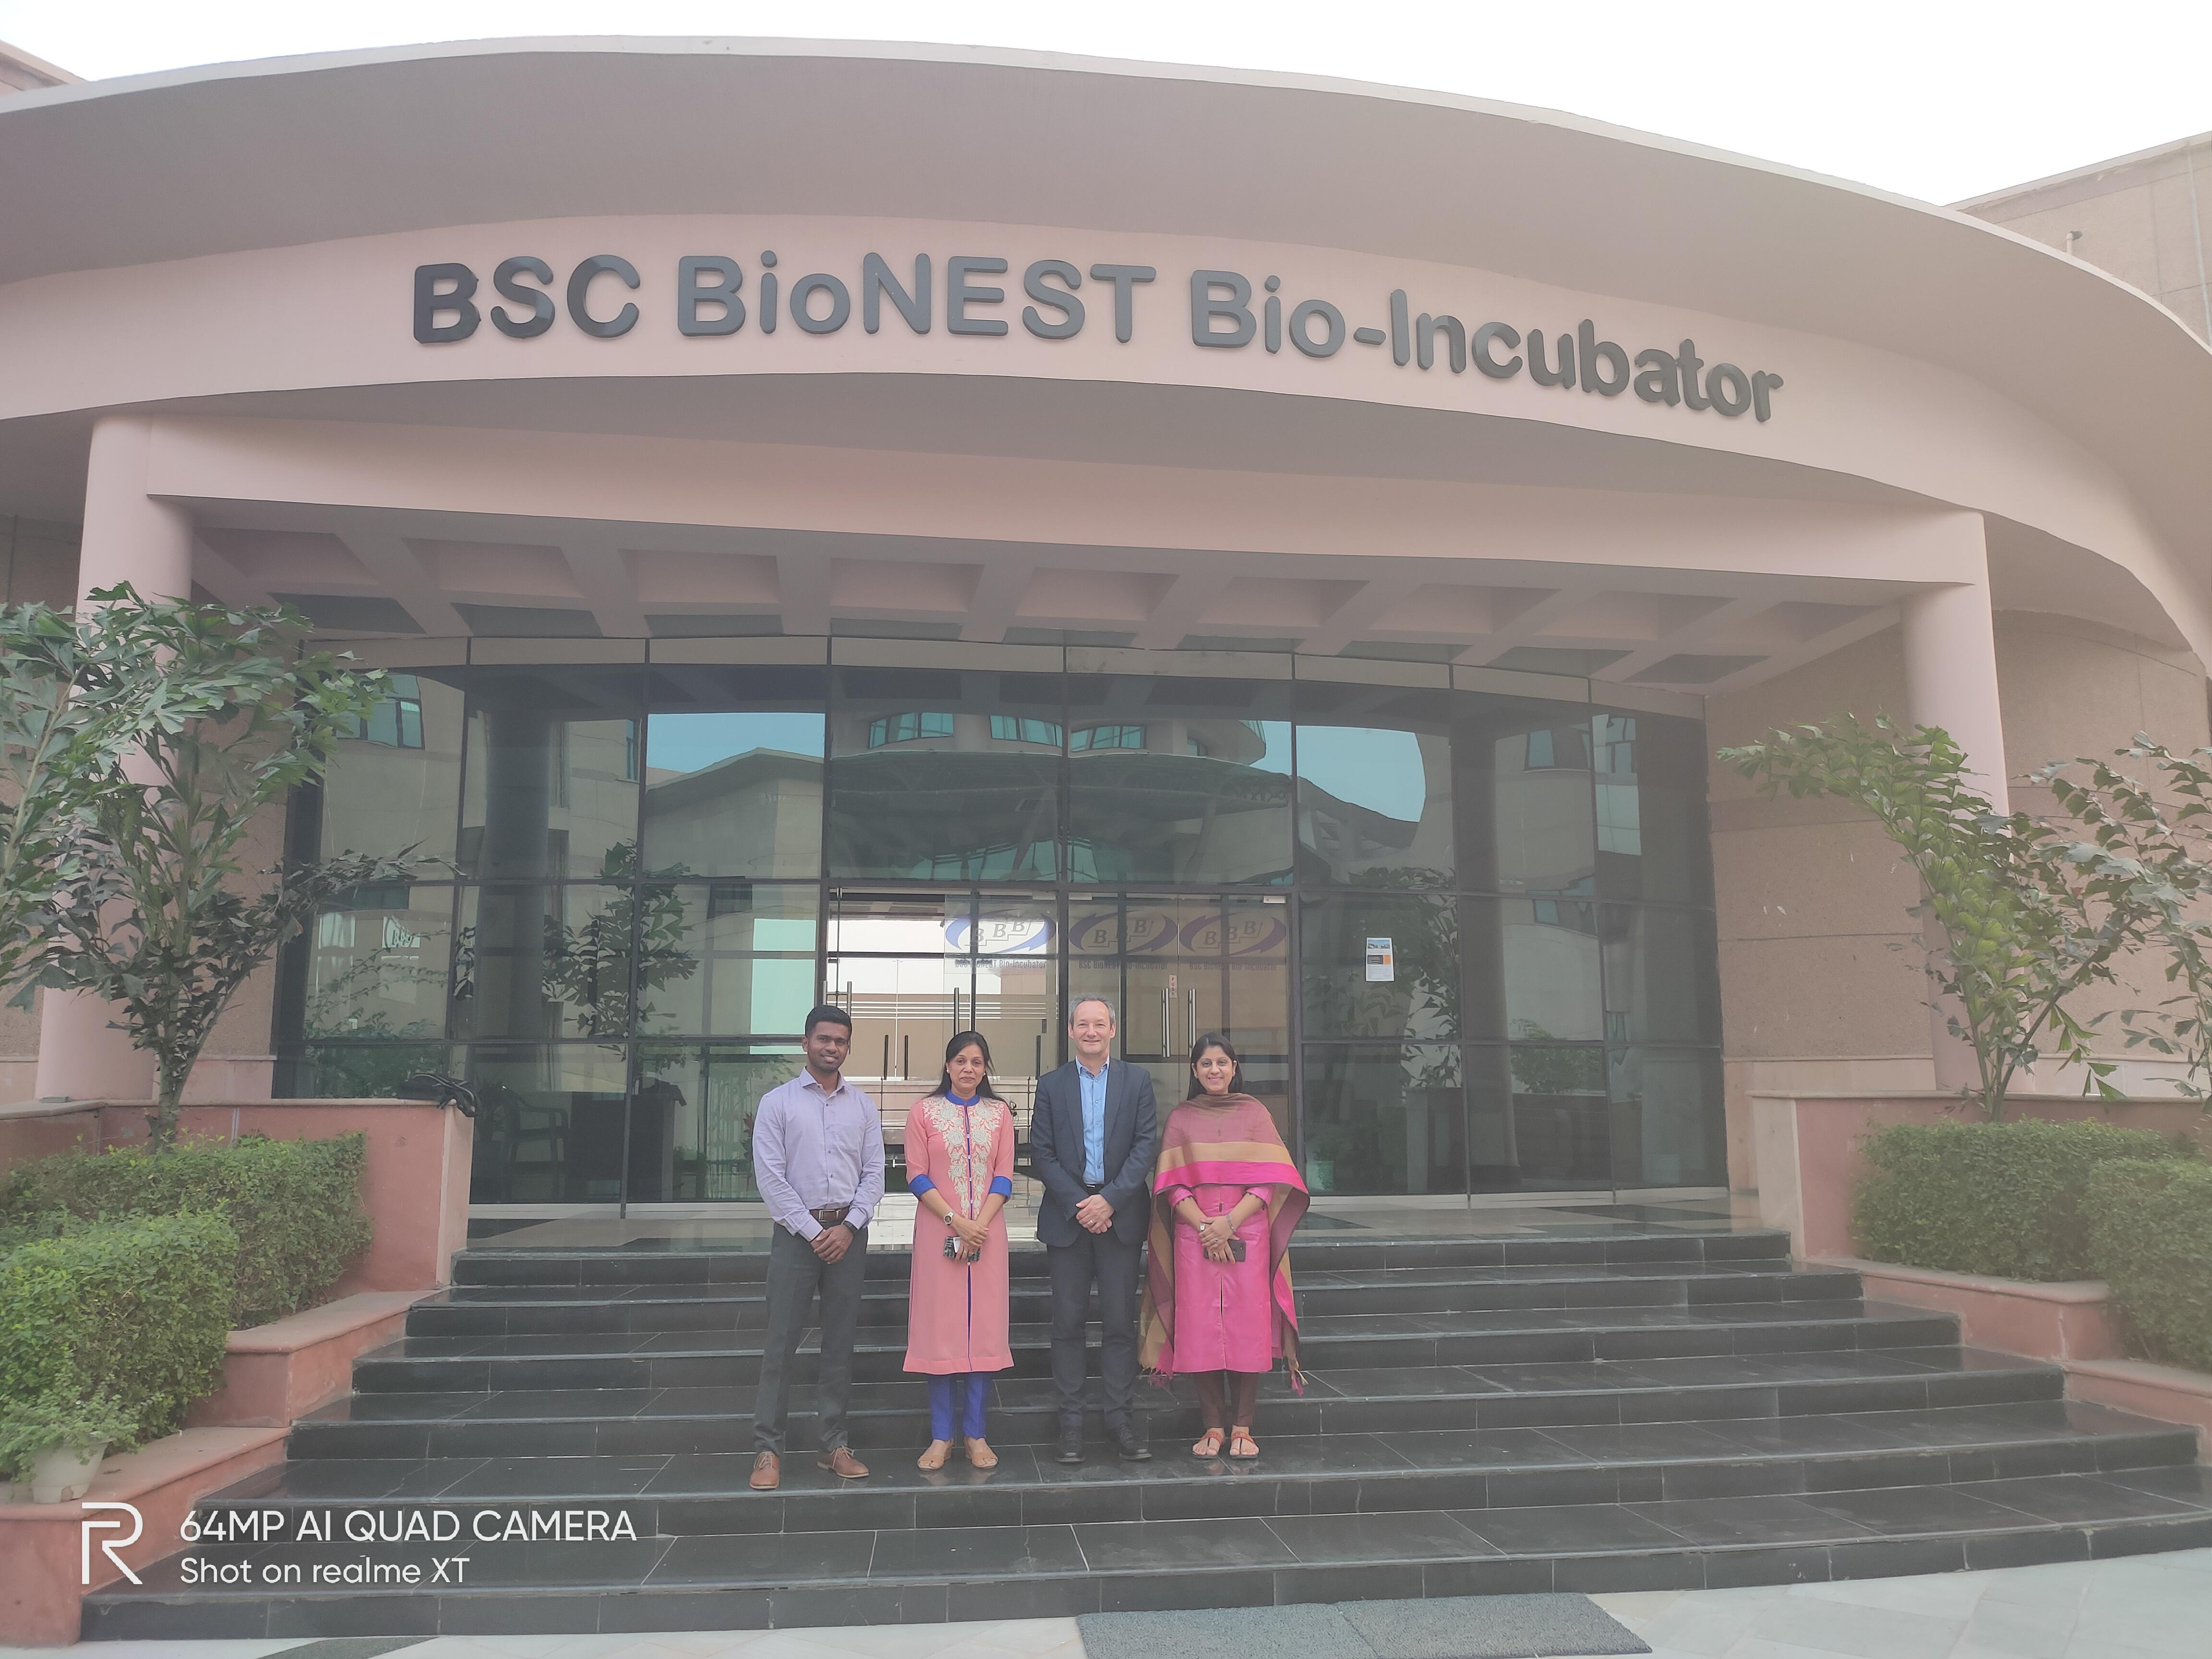 BSC BioNEST Bio-Incubator